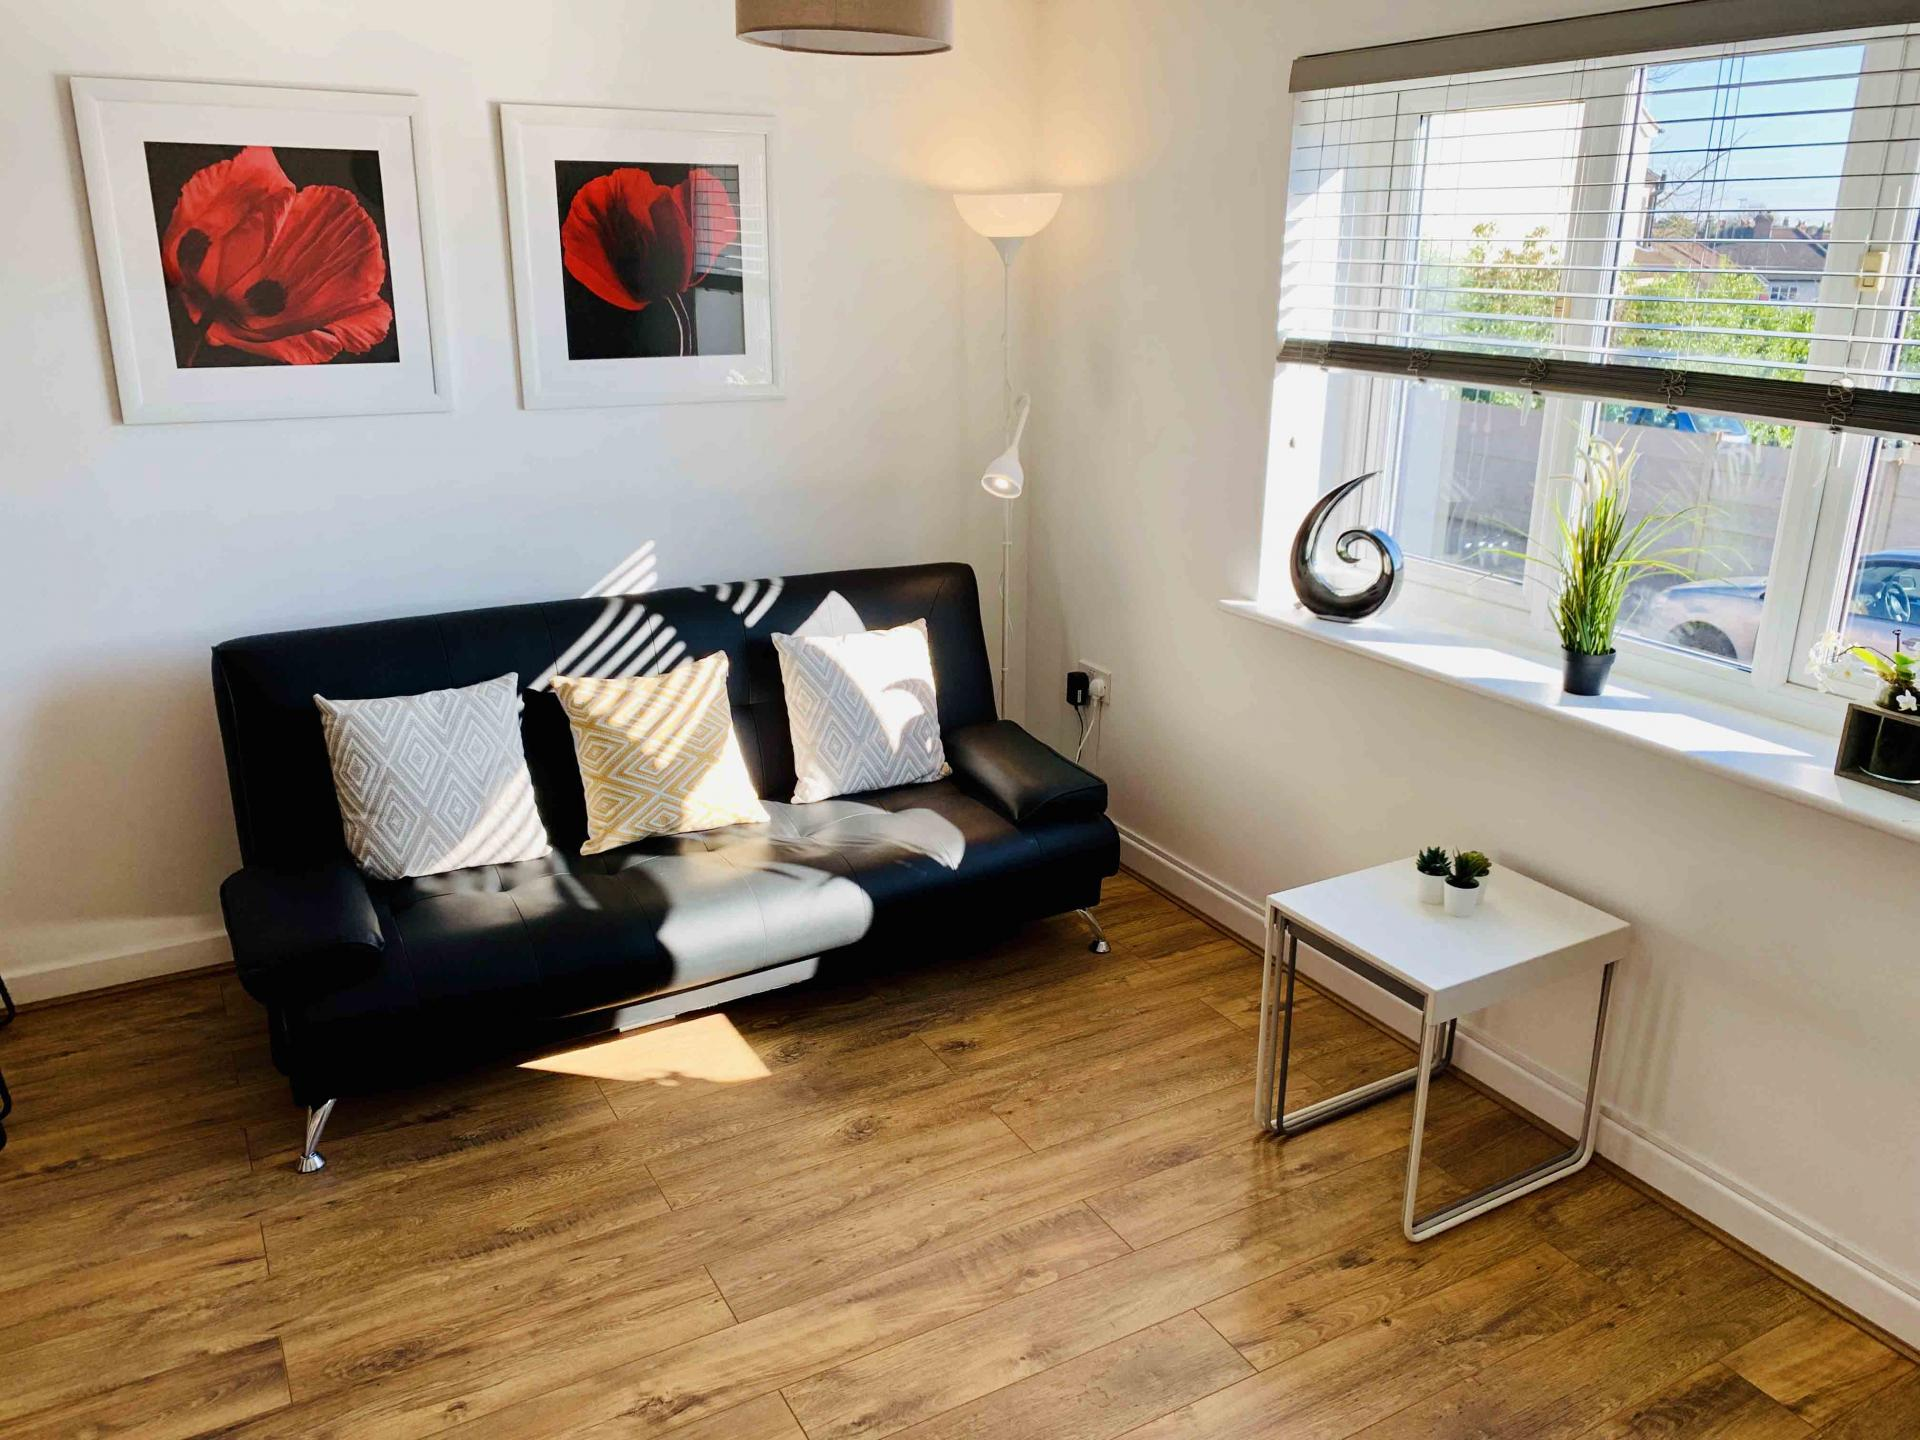 Sofa space at Barrack Road Apartment